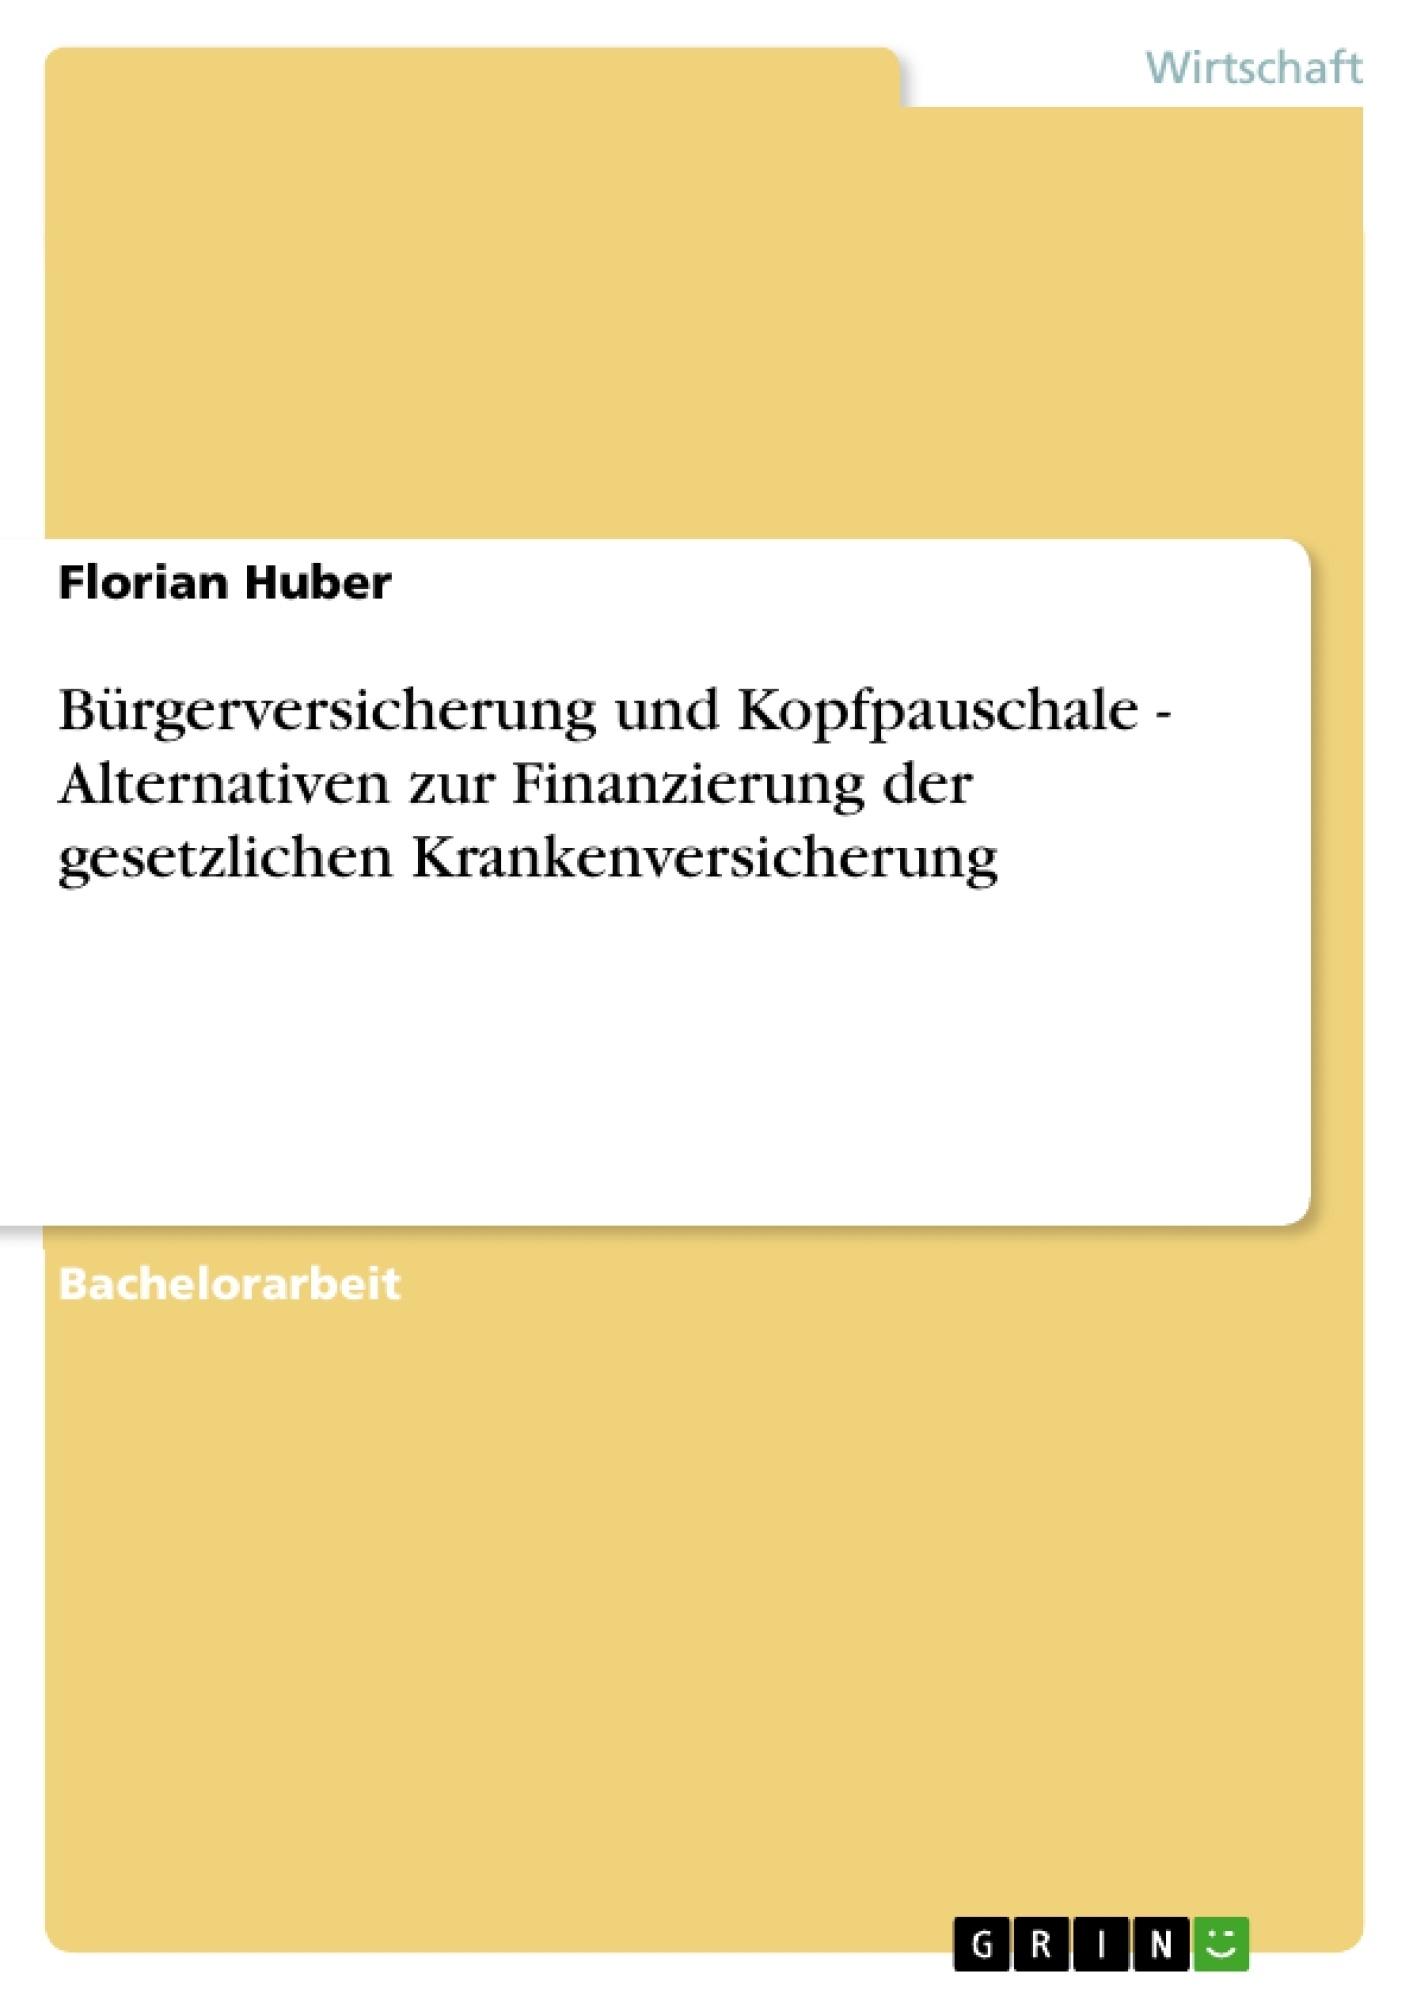 Titel: Bürgerversicherung und Kopfpauschale - Alternativen  zur Finanzierung der gesetzlichen Krankenversicherung